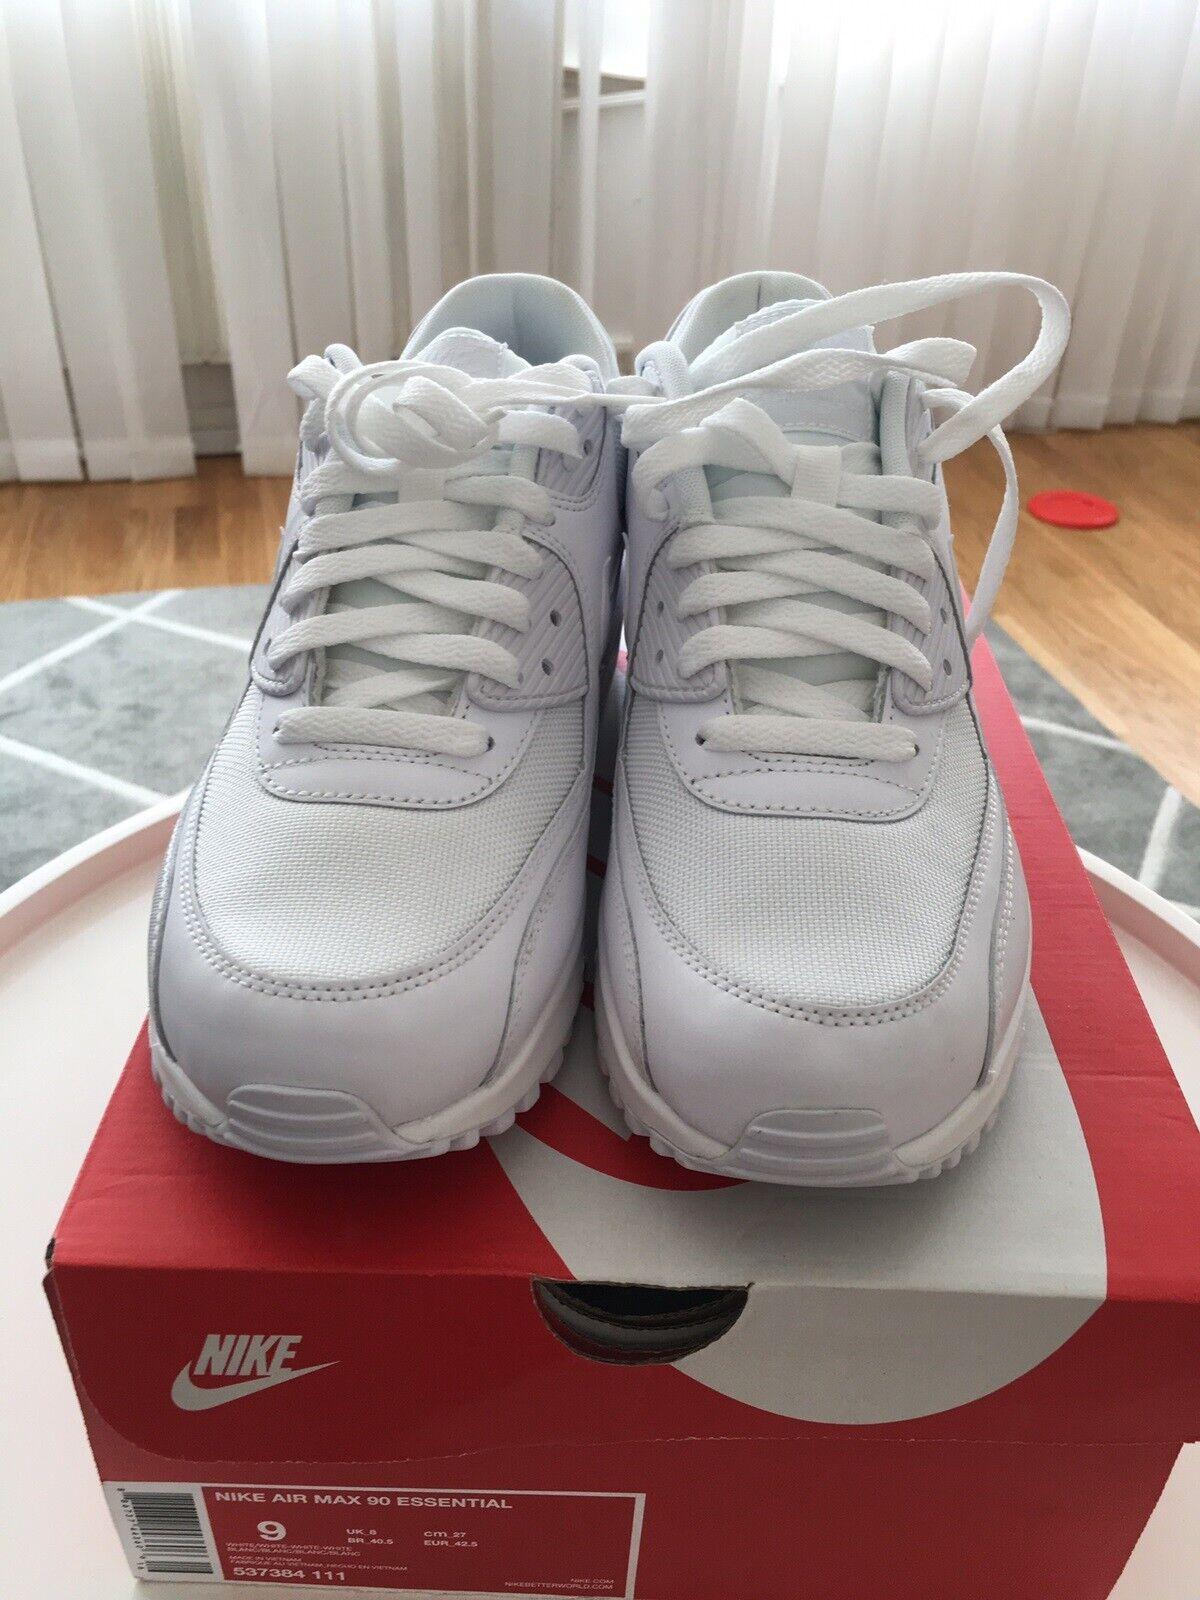 Find Nike Air Max 90 på DBA køb og salg af nyt og brugt